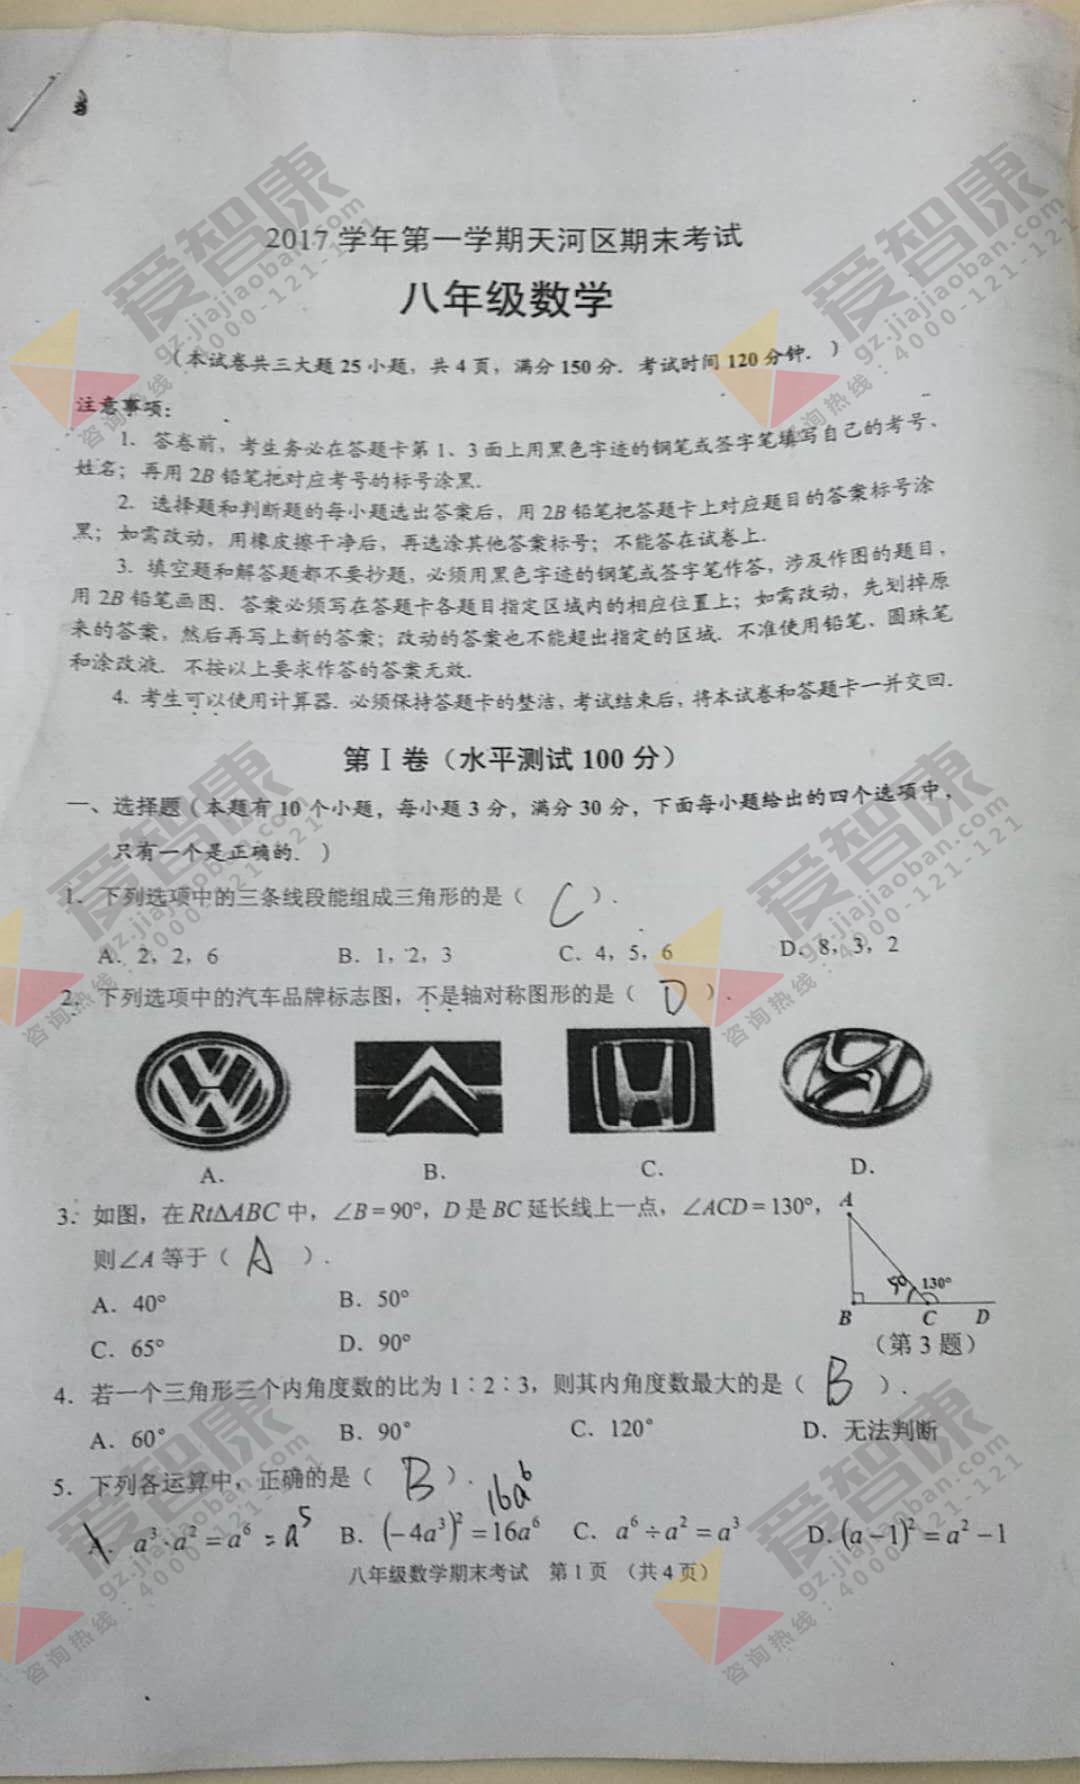 2017-2018学年广州天河区初二上学期期末数学试卷及答案解析